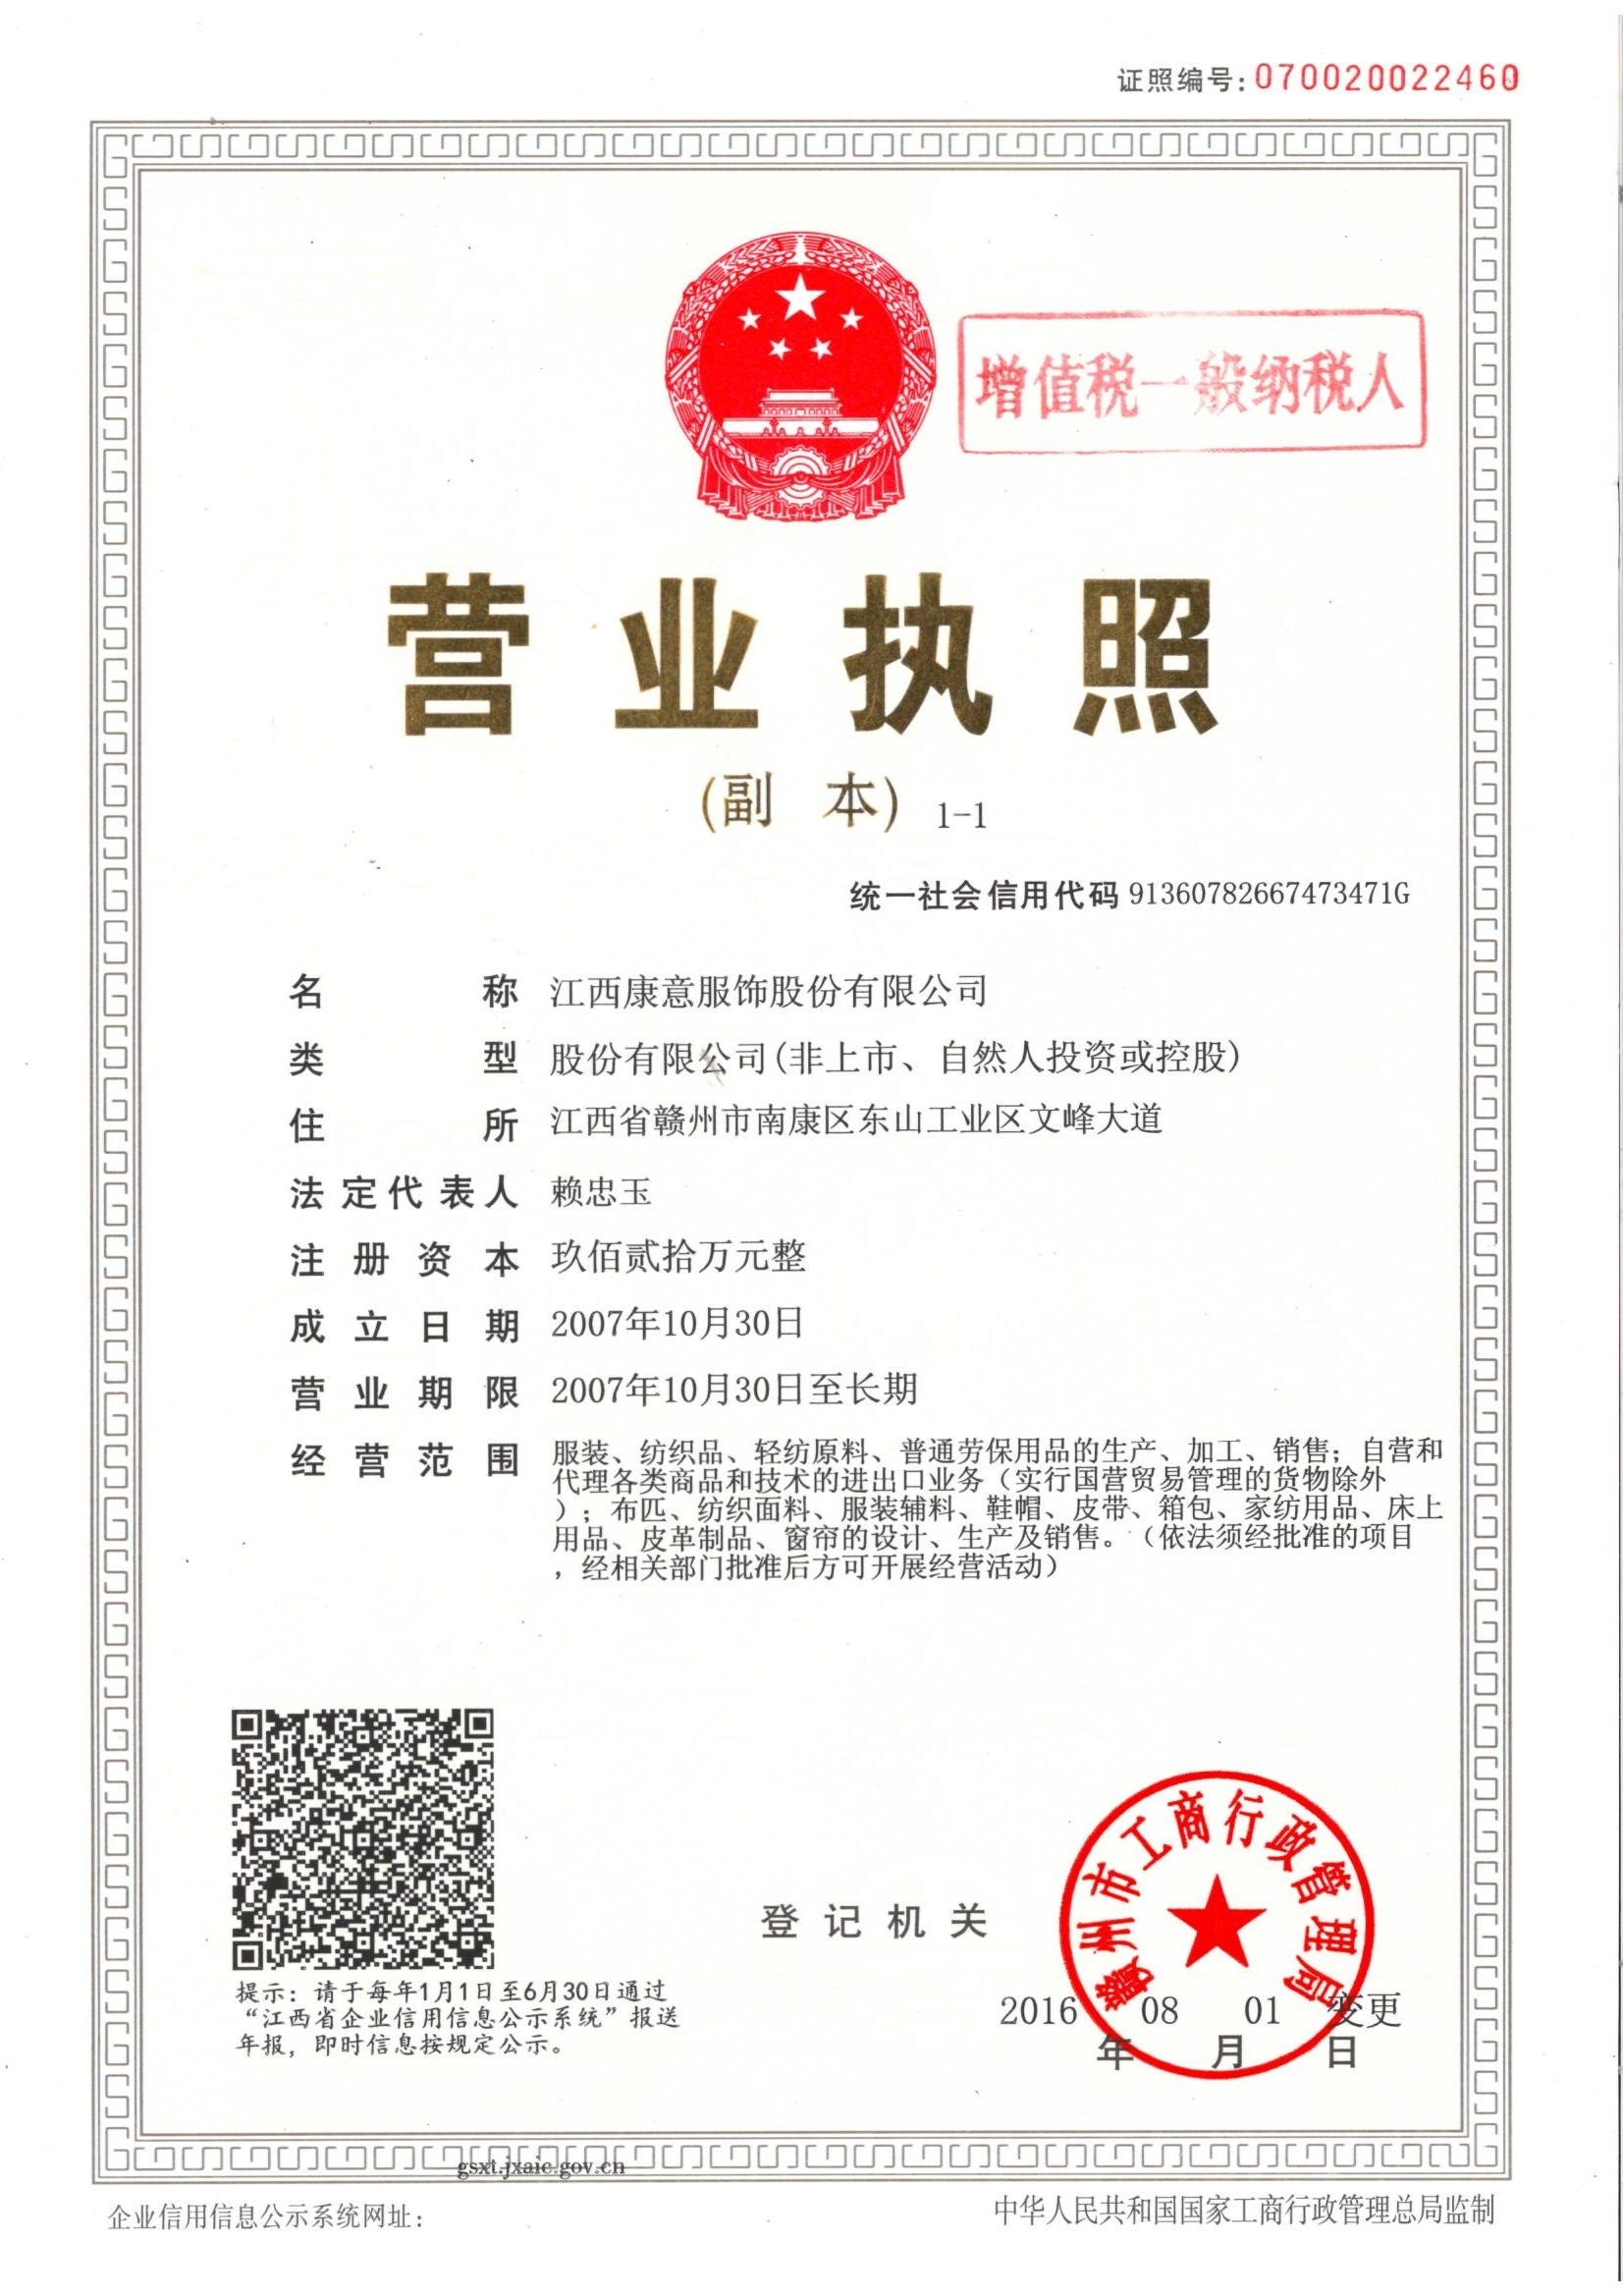 江西康意服饰股份有限公司企业档案